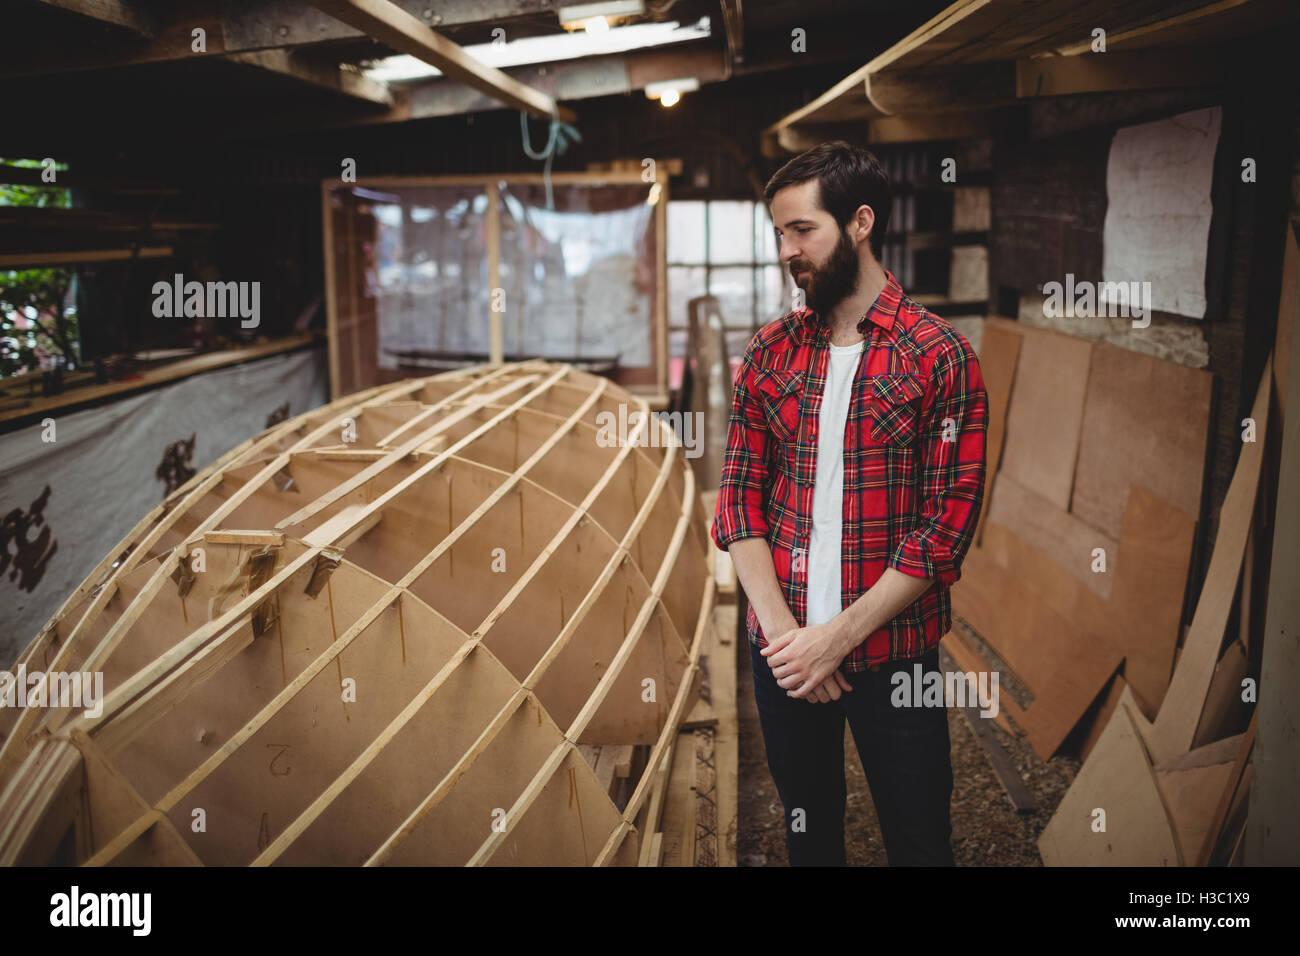 Boat Making Workshop Stockfotos & Boat Making Workshop Bilder - Alamy